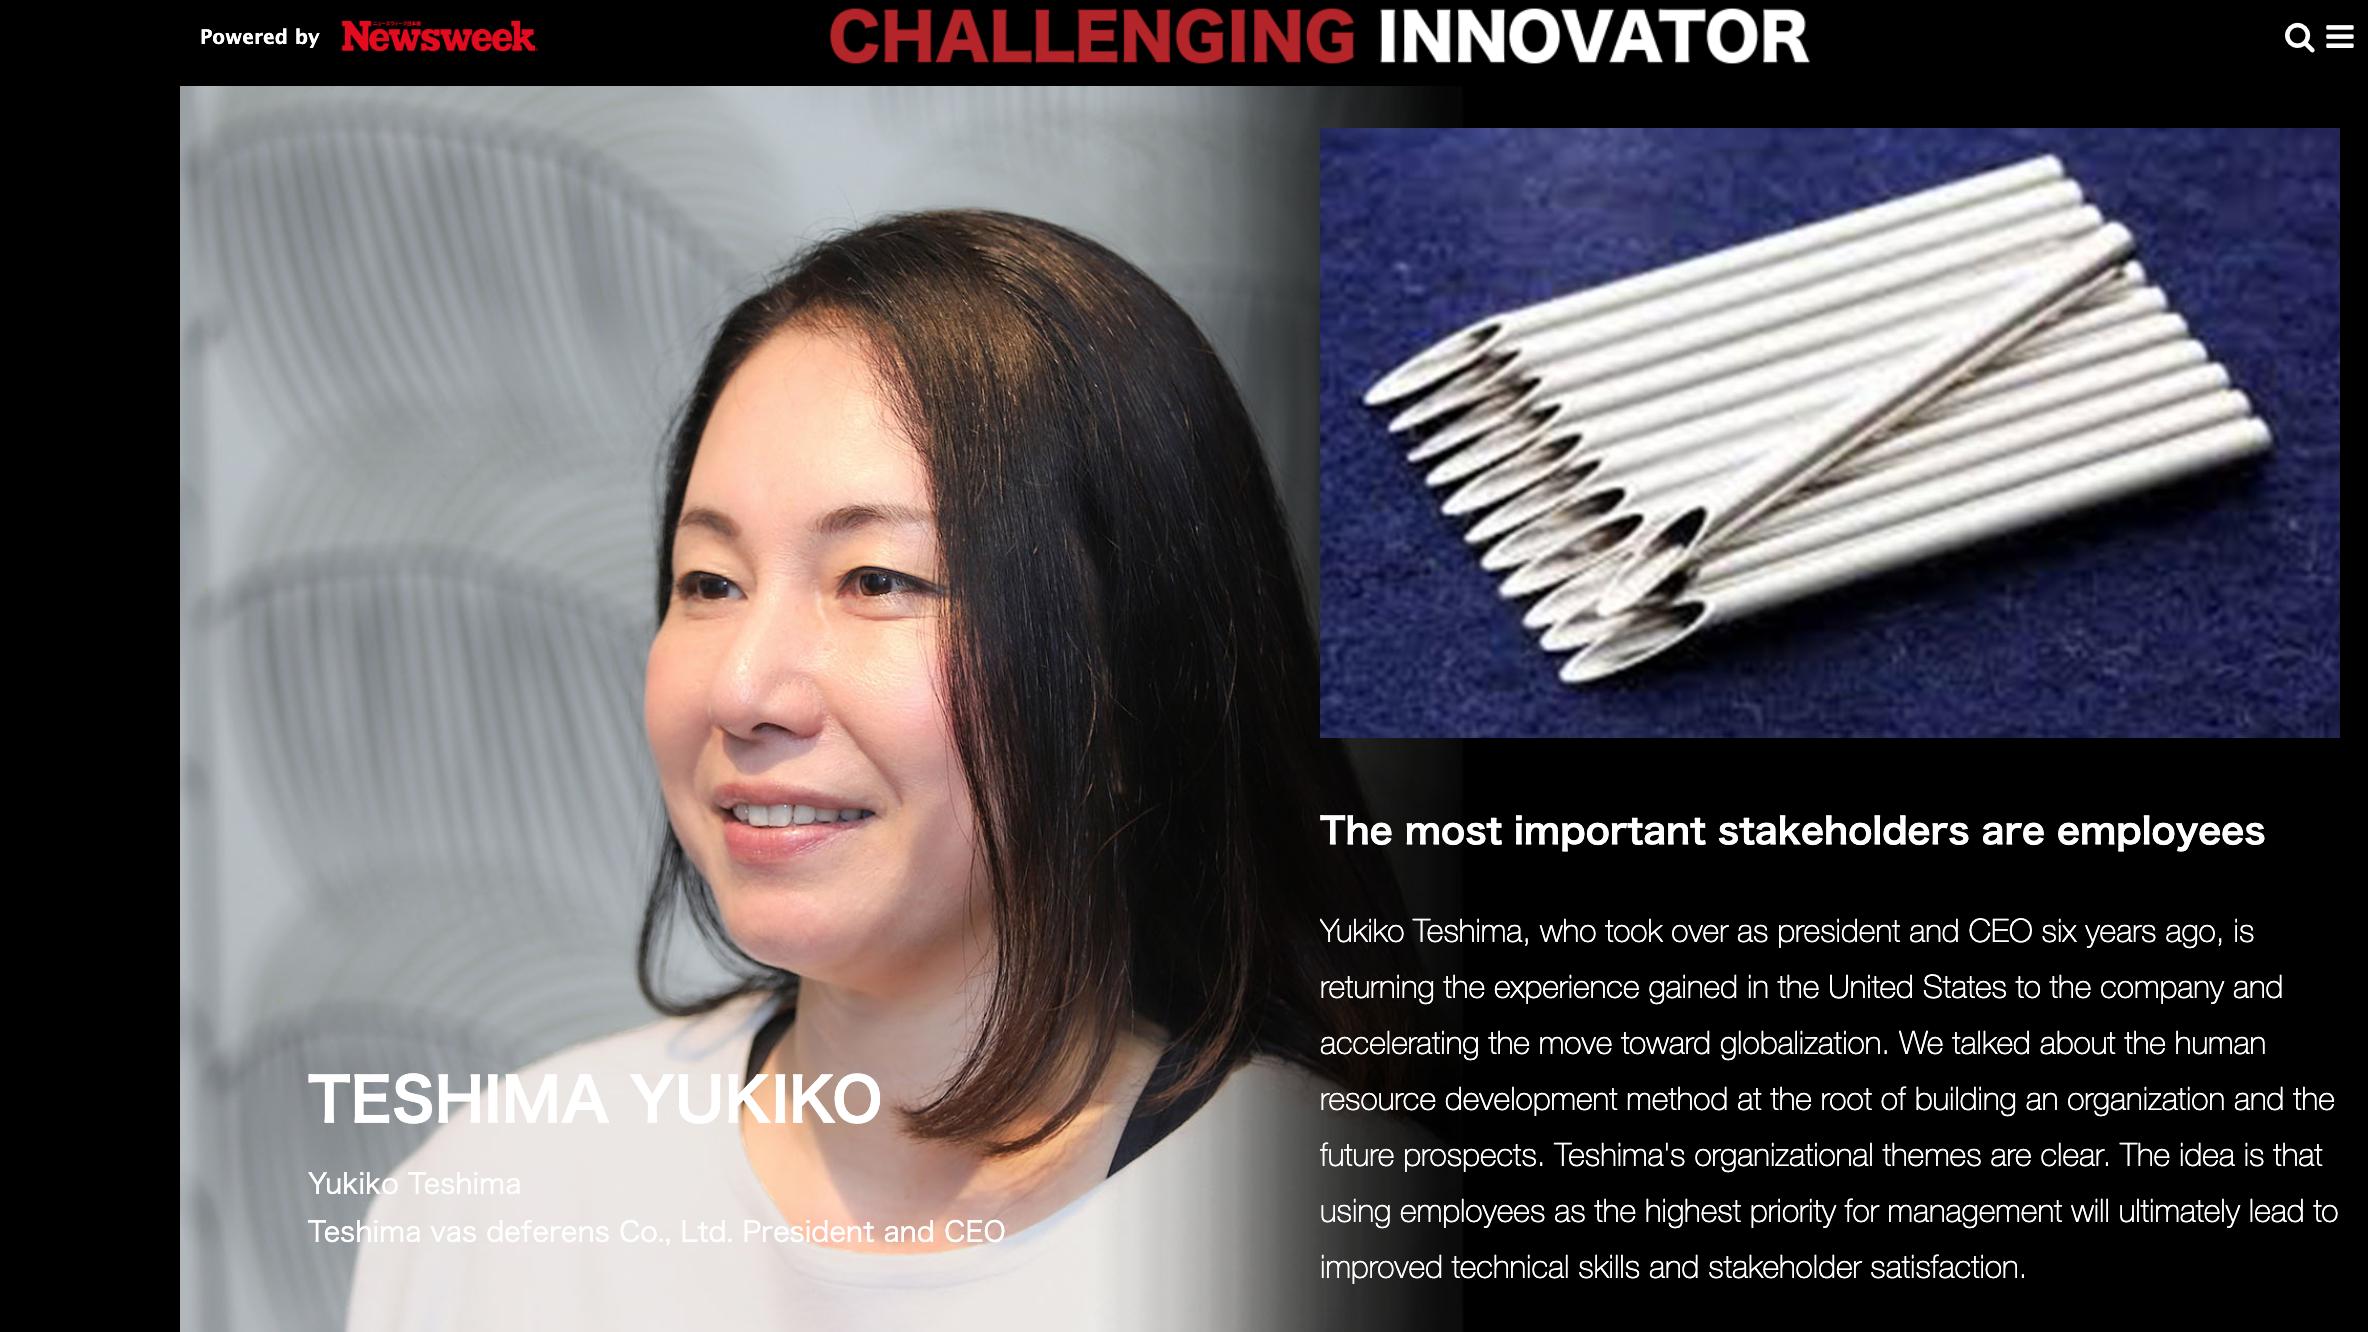 Teshima Corp. CEO Yukiko Teshima